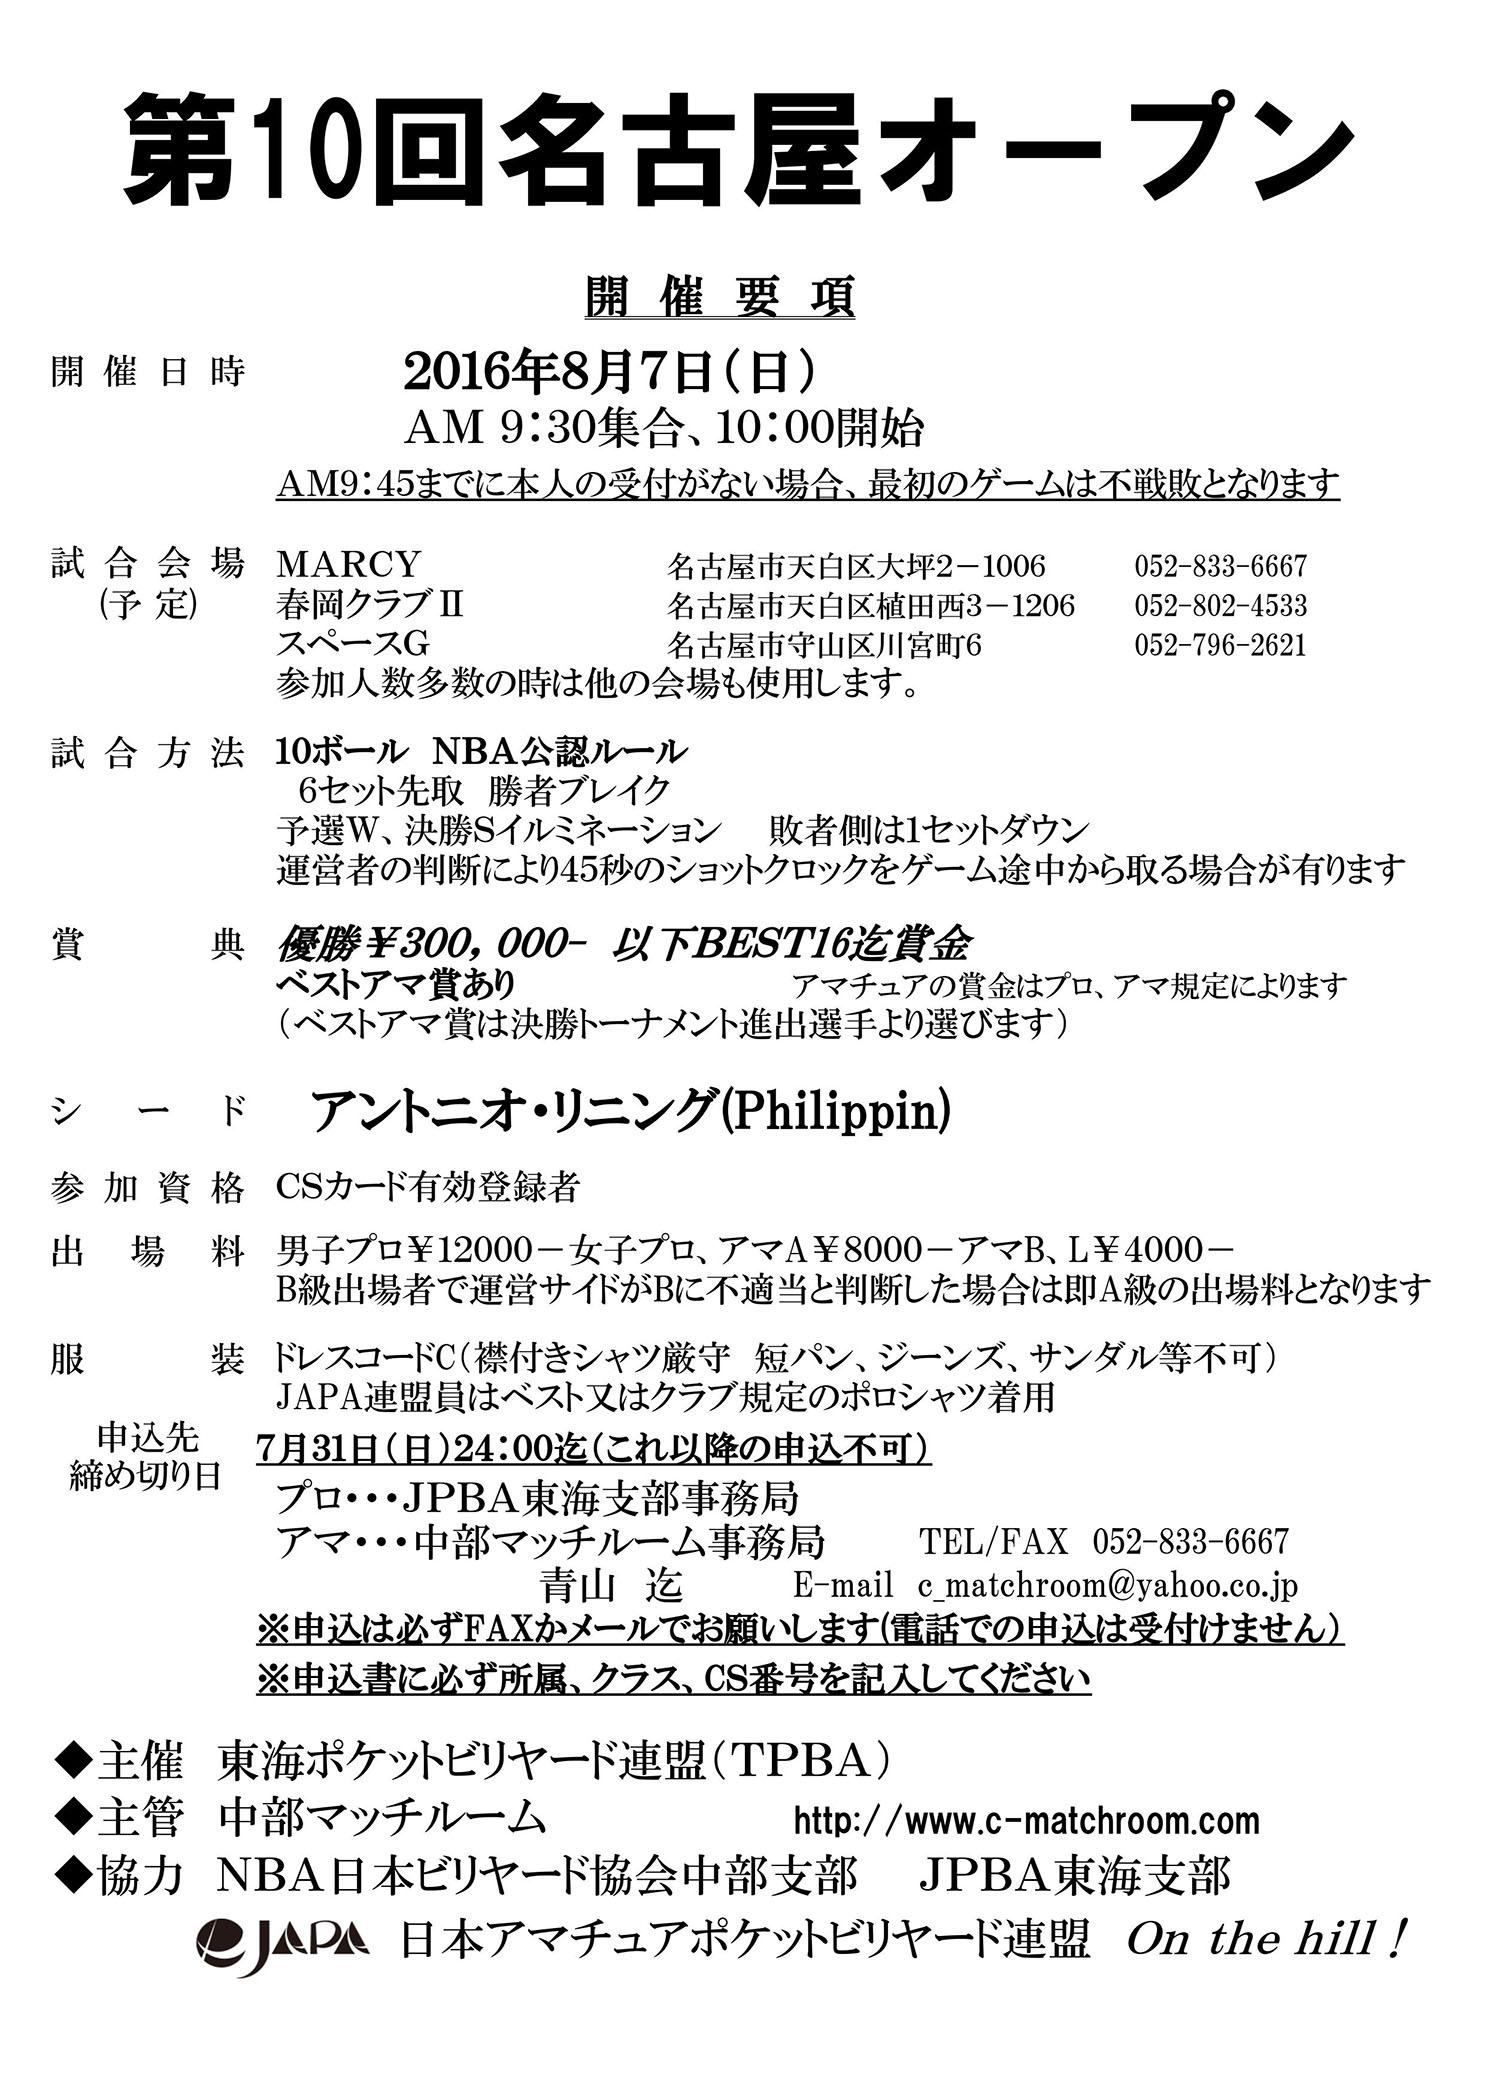 2016nagoyaOP_01aaa